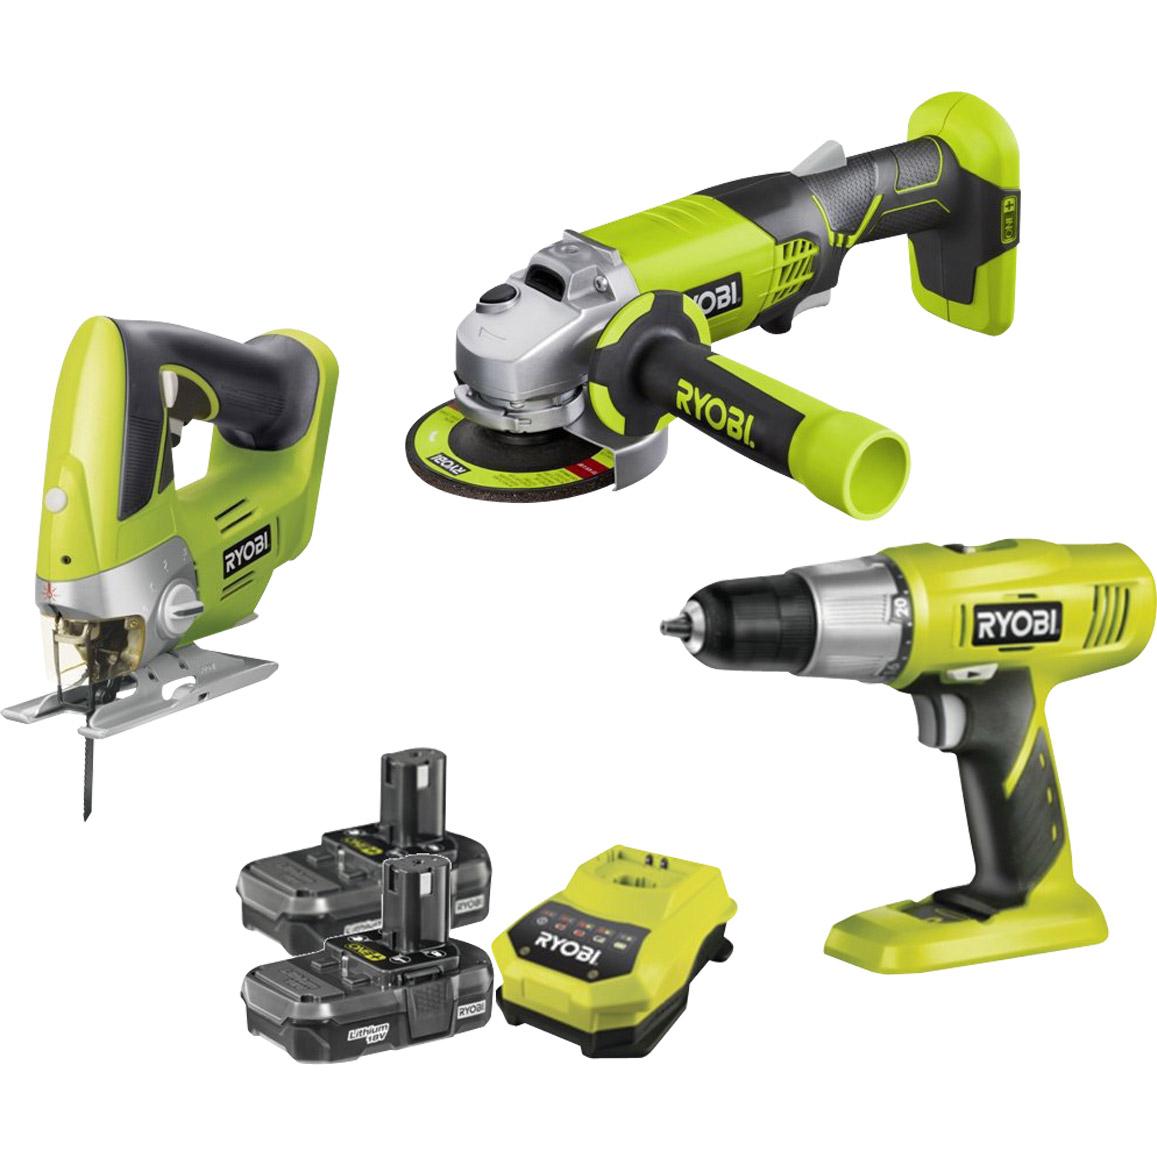 Kit 3 outils perceuse/meuleuse/scie sauteuse Ryobi One + 2 batteries lithium 18V